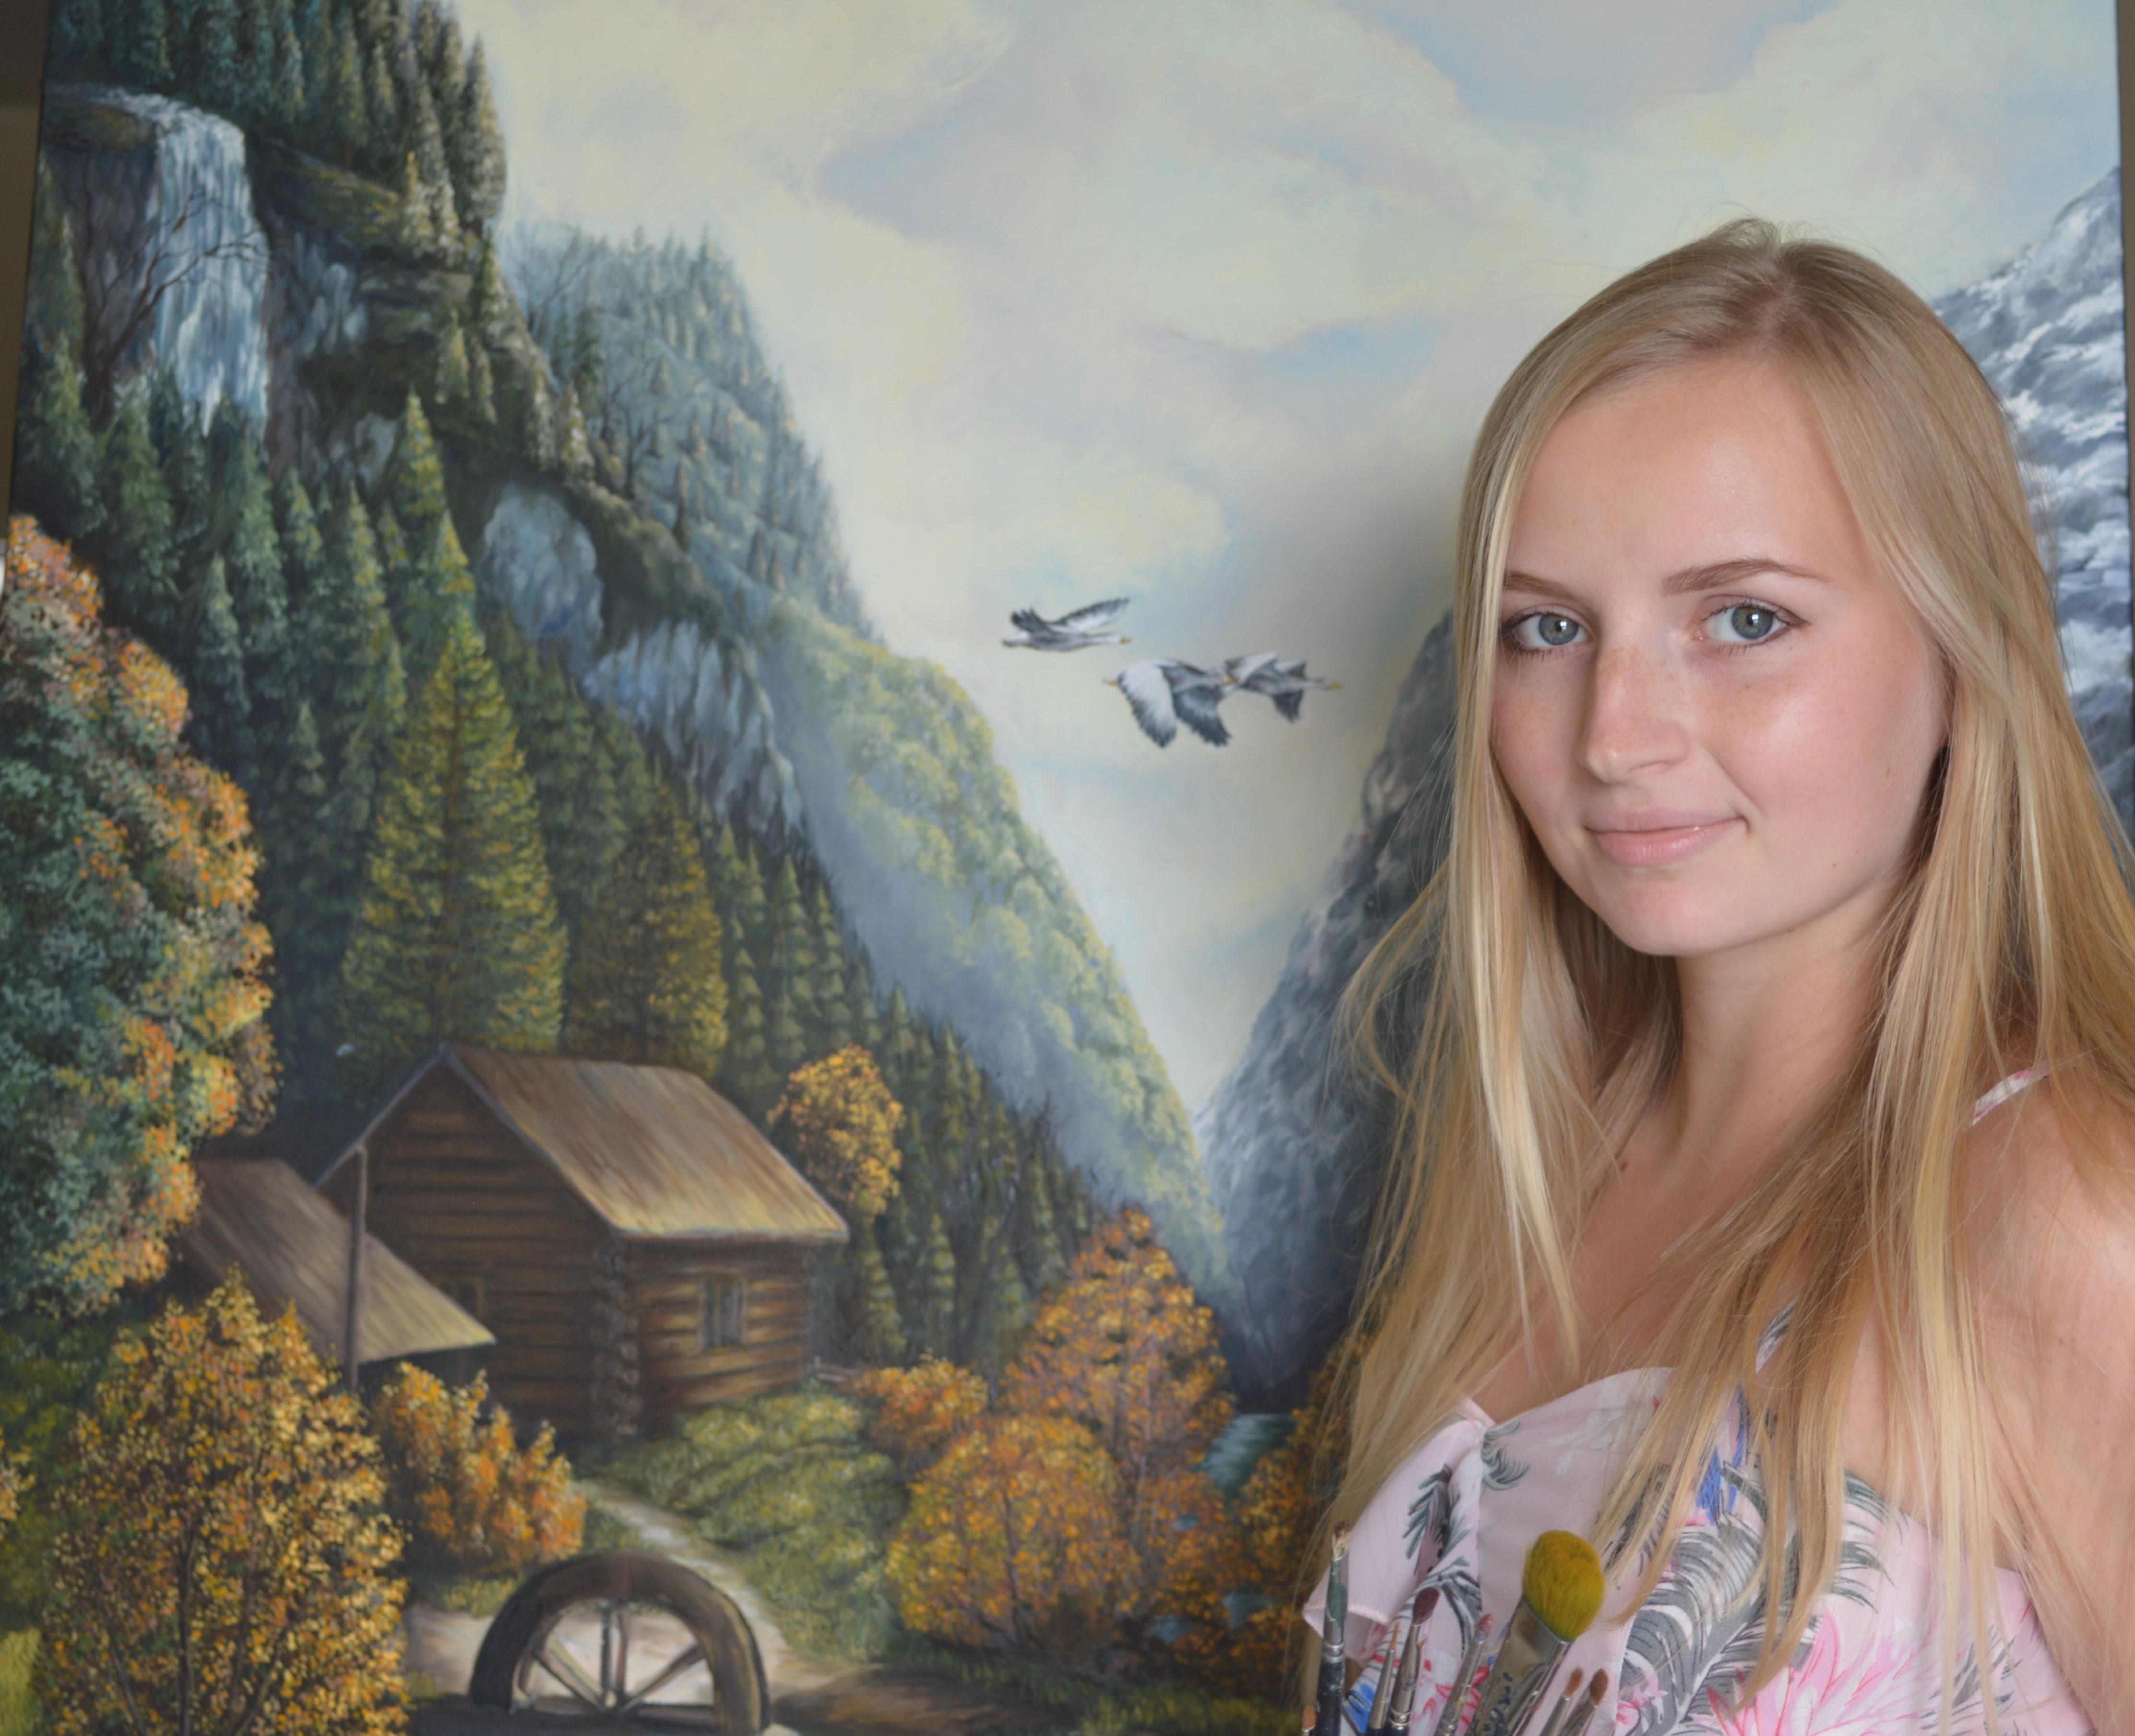 Ksenya Morozova